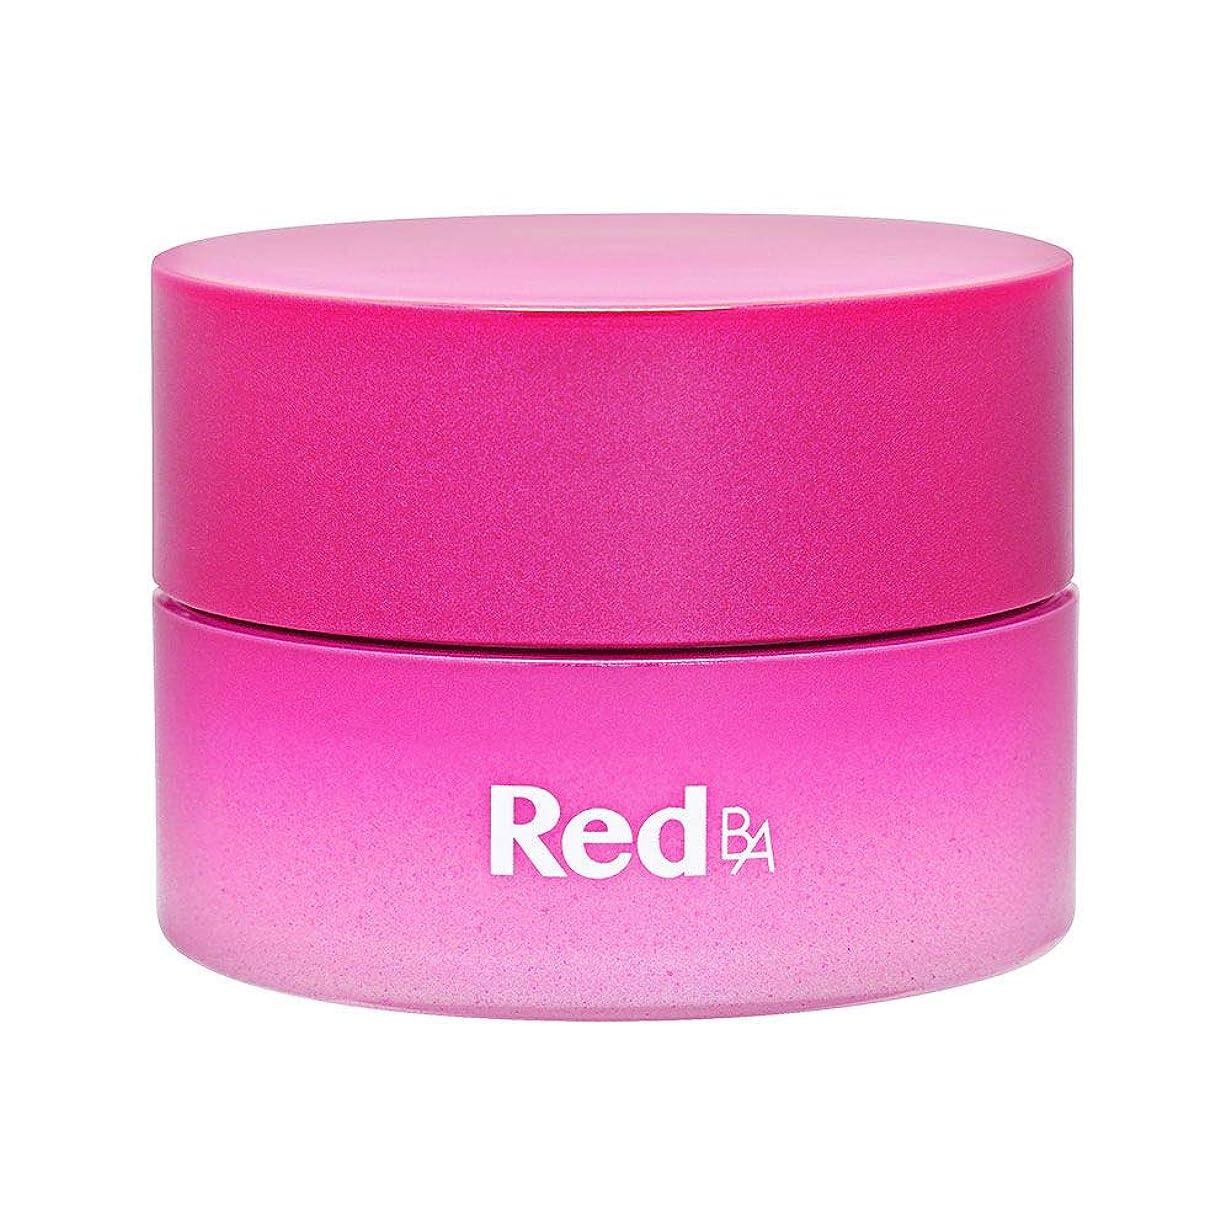 炭素普通のきれいにポーラ Red B.A マルチコンセントレート 50g [並行輸入品]